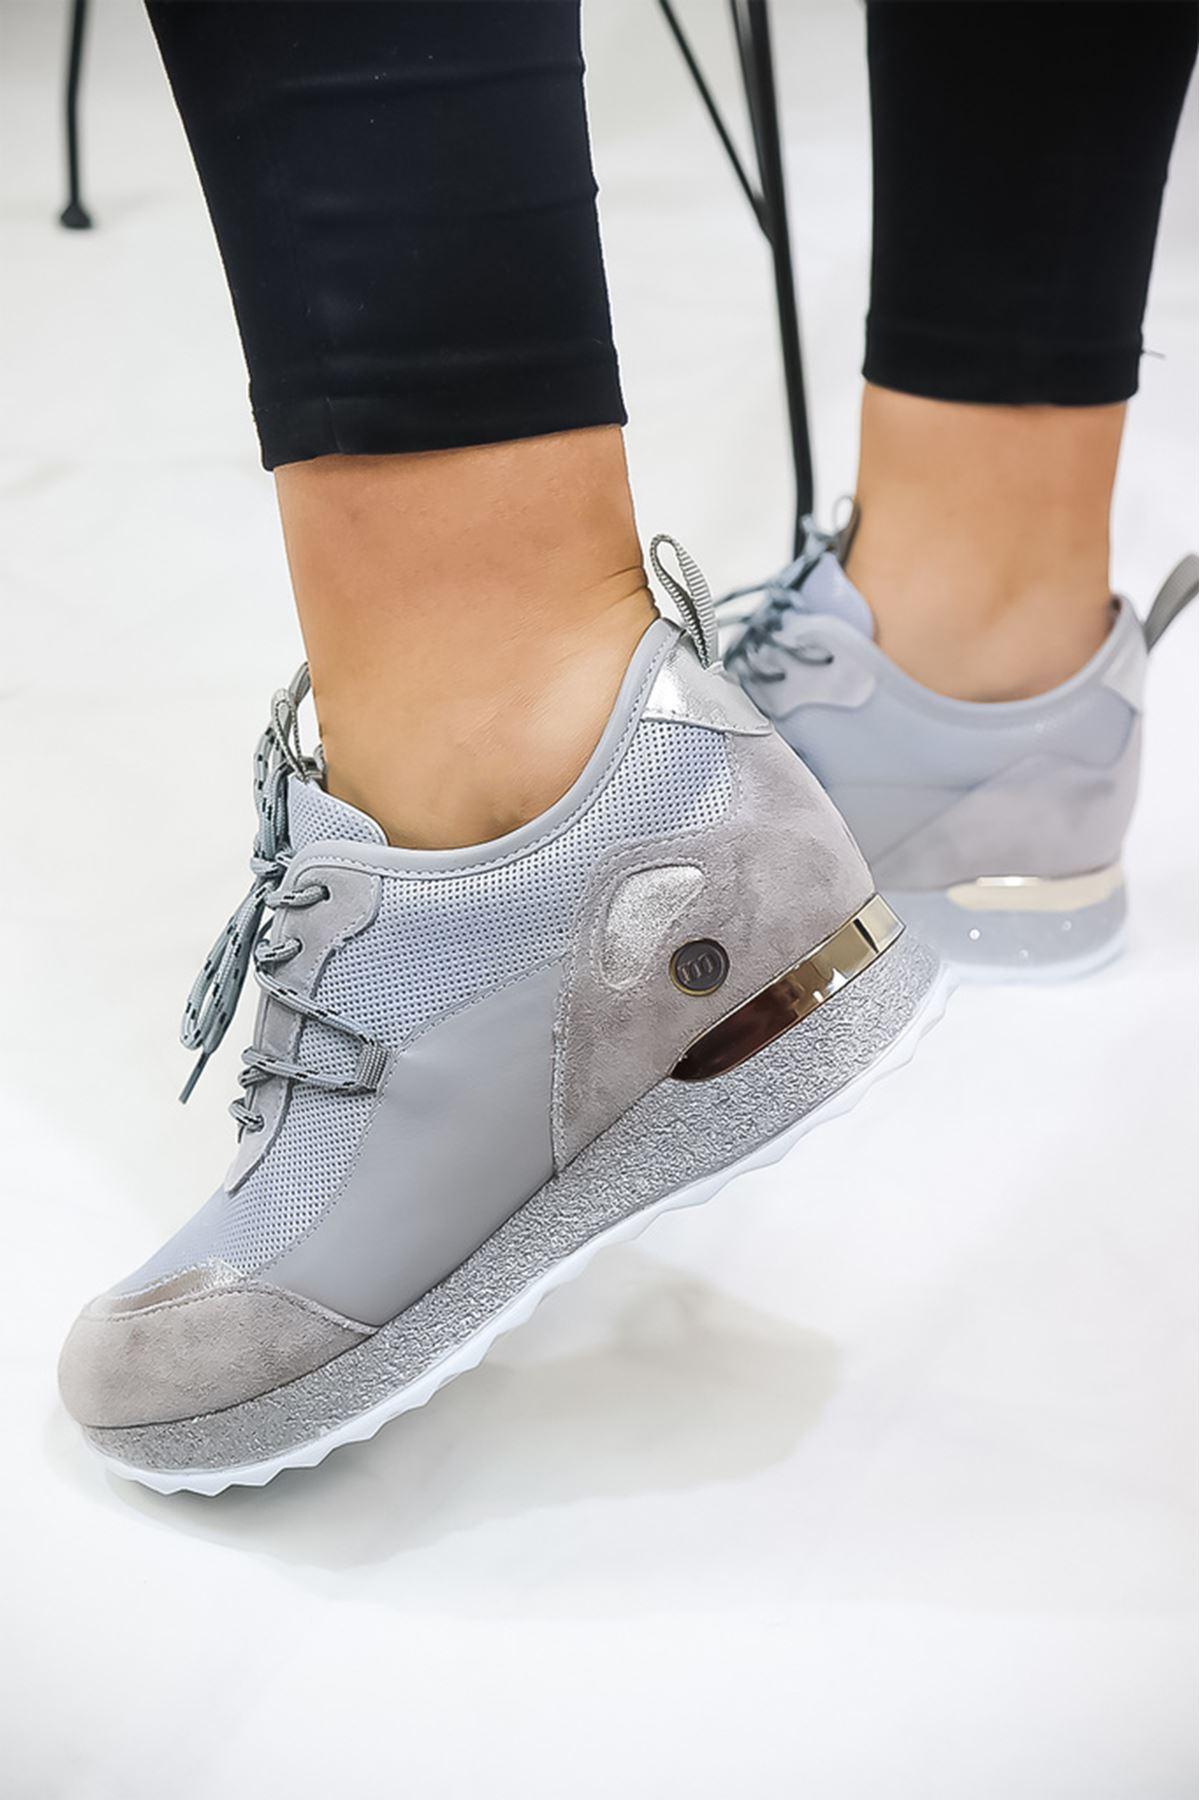 Mammamia - D21YA - 570-Z Gri Simli Kadın Ayakkabısı